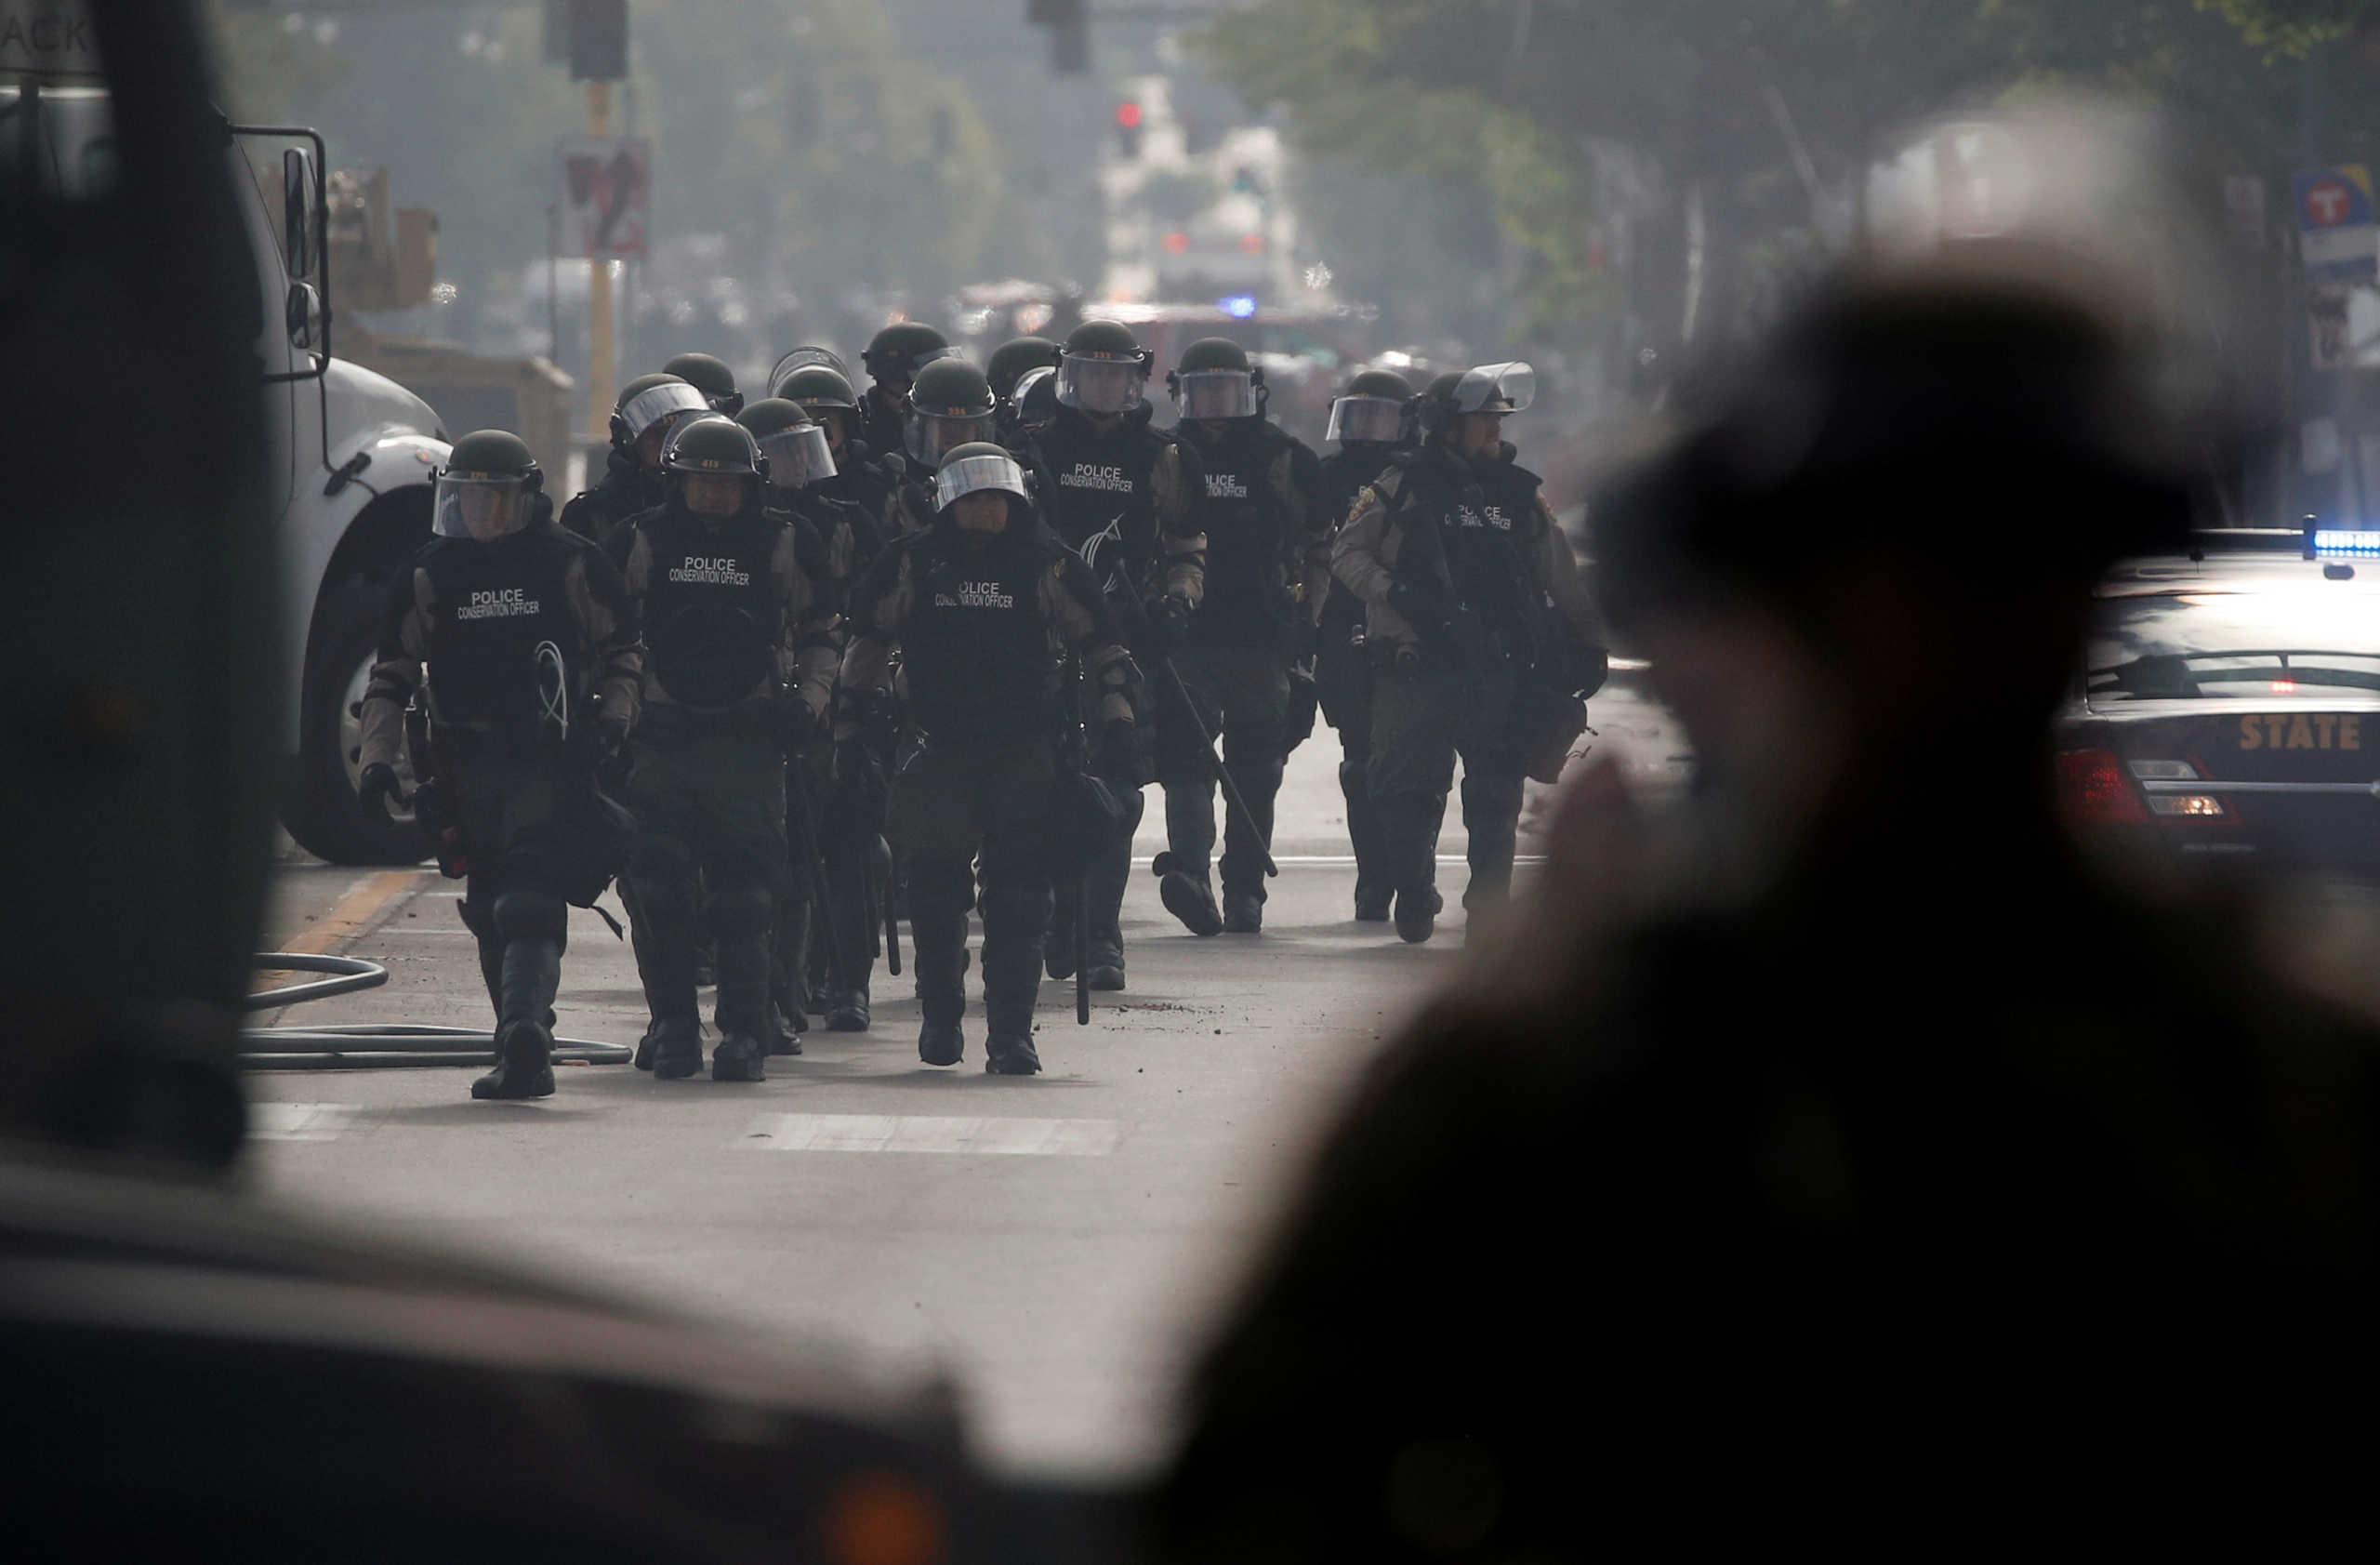 Στρατοκρατείται η Μινεάπολη! Ξεχειλίζει η οργή στις ΗΠΑ για την δολοφονία του Τζορτζ Φλόιντ